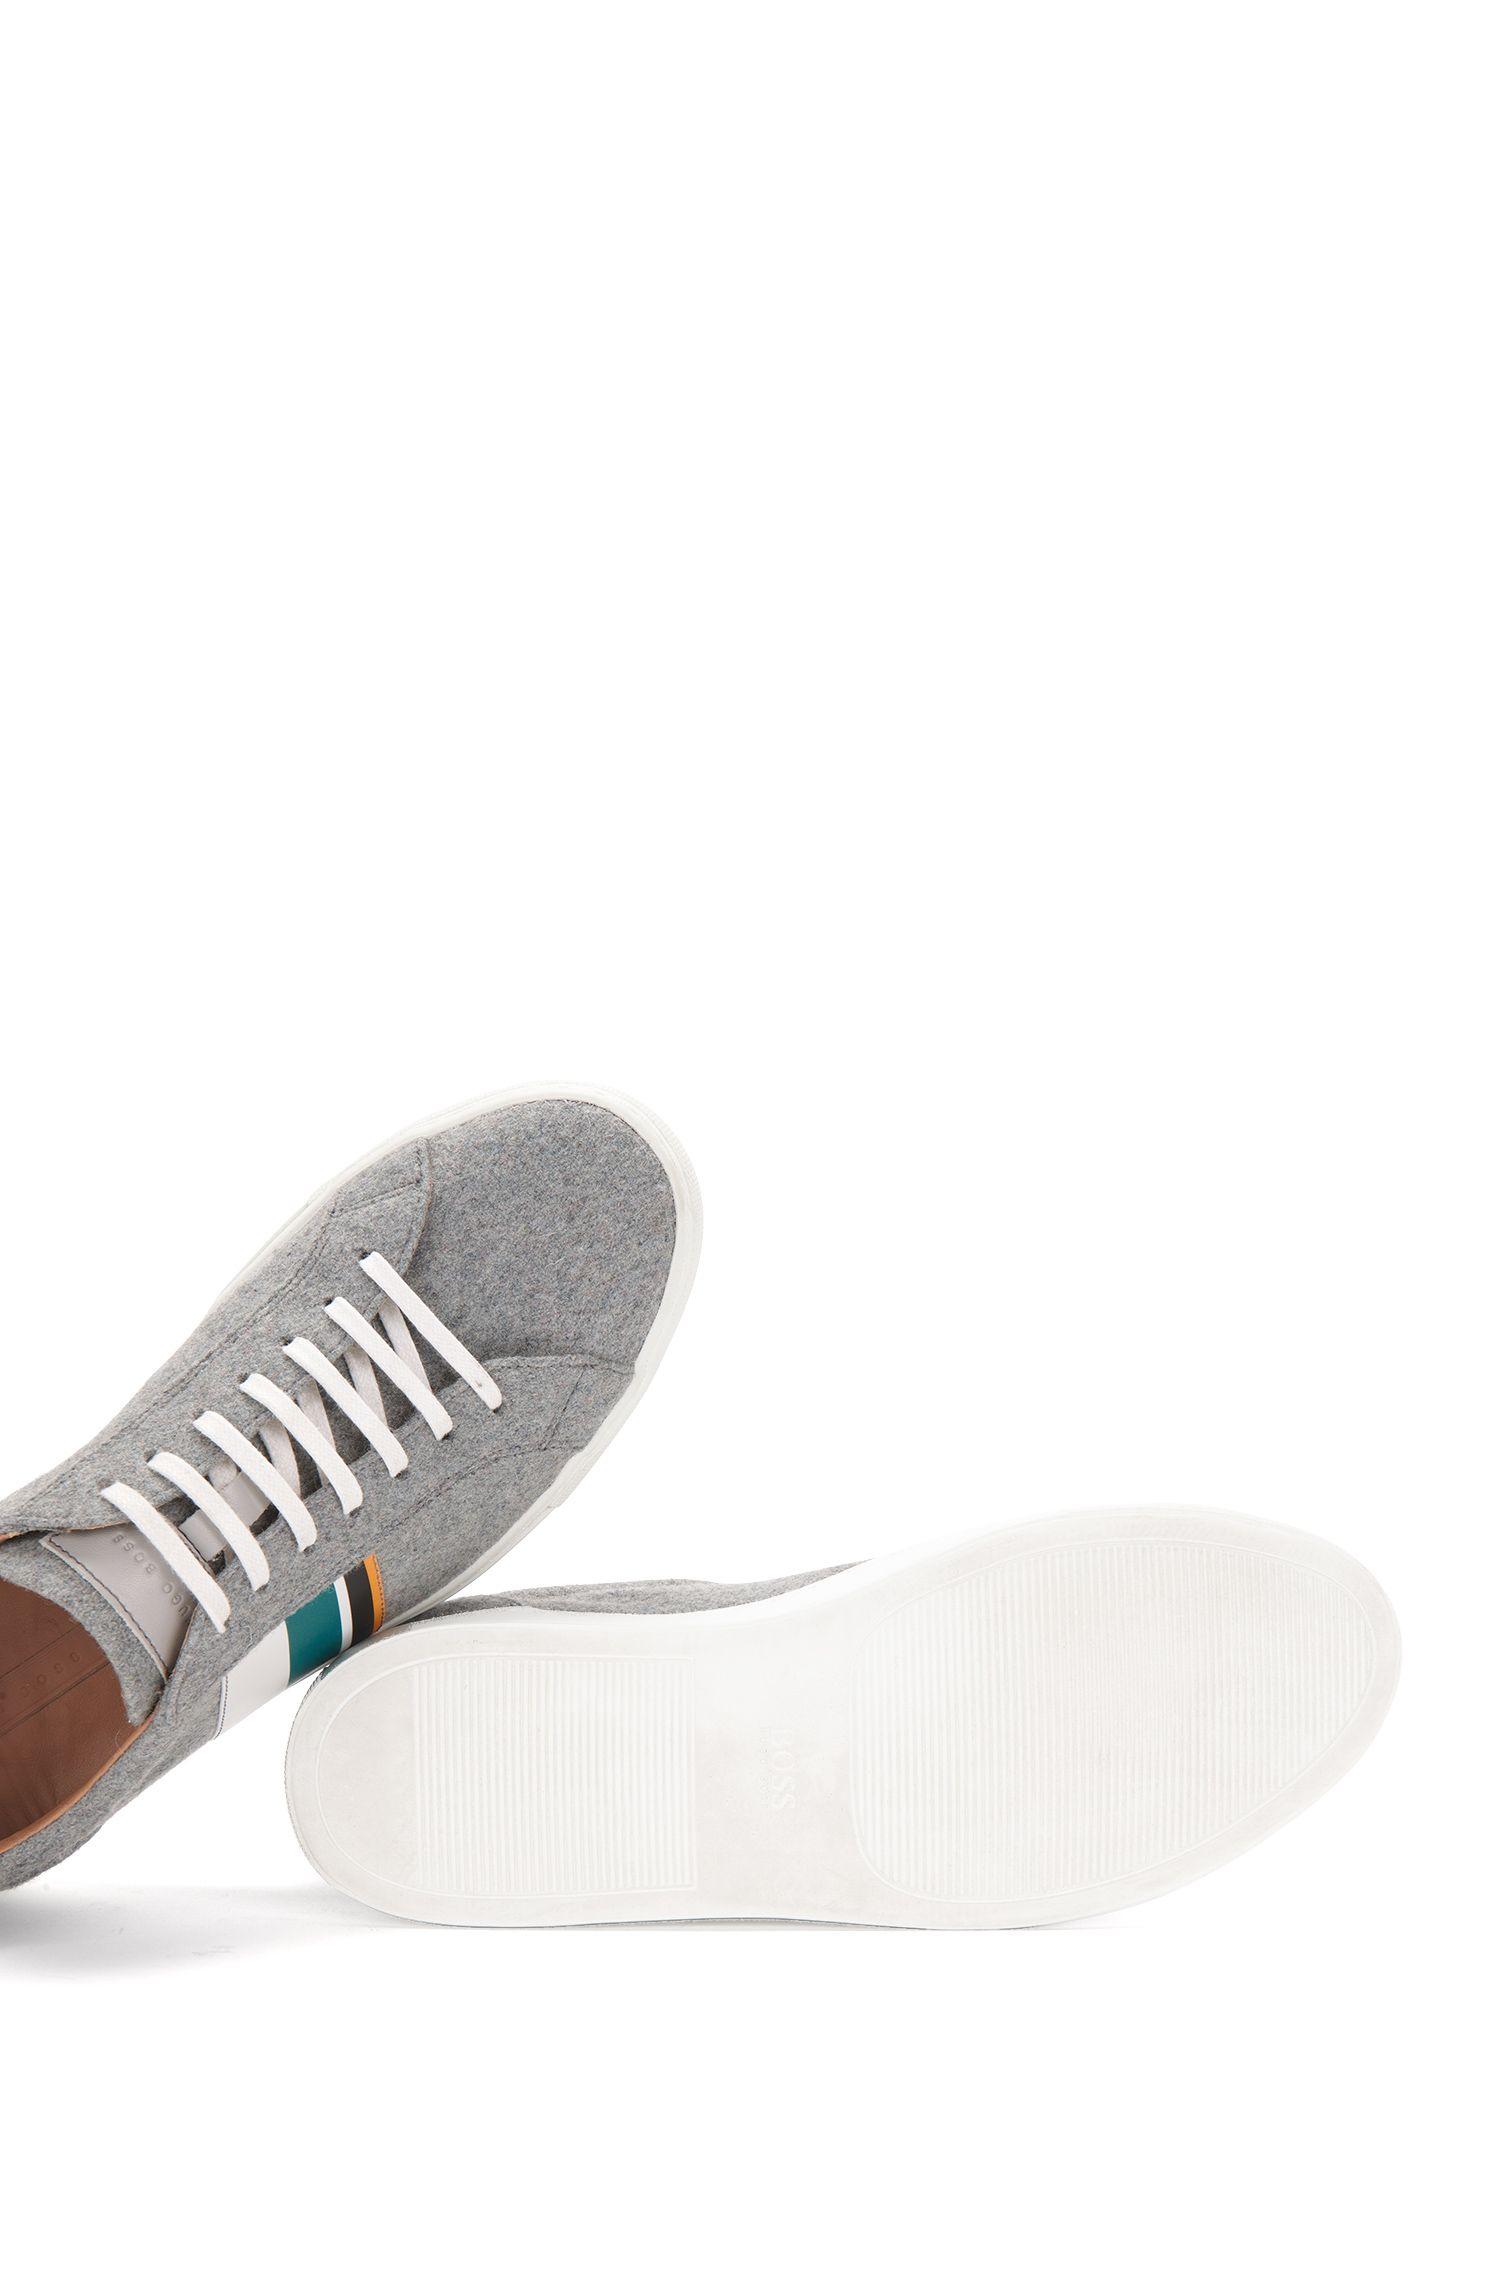 Sneakers aus Filz mit Leder-Details: 'Low Cut LB'